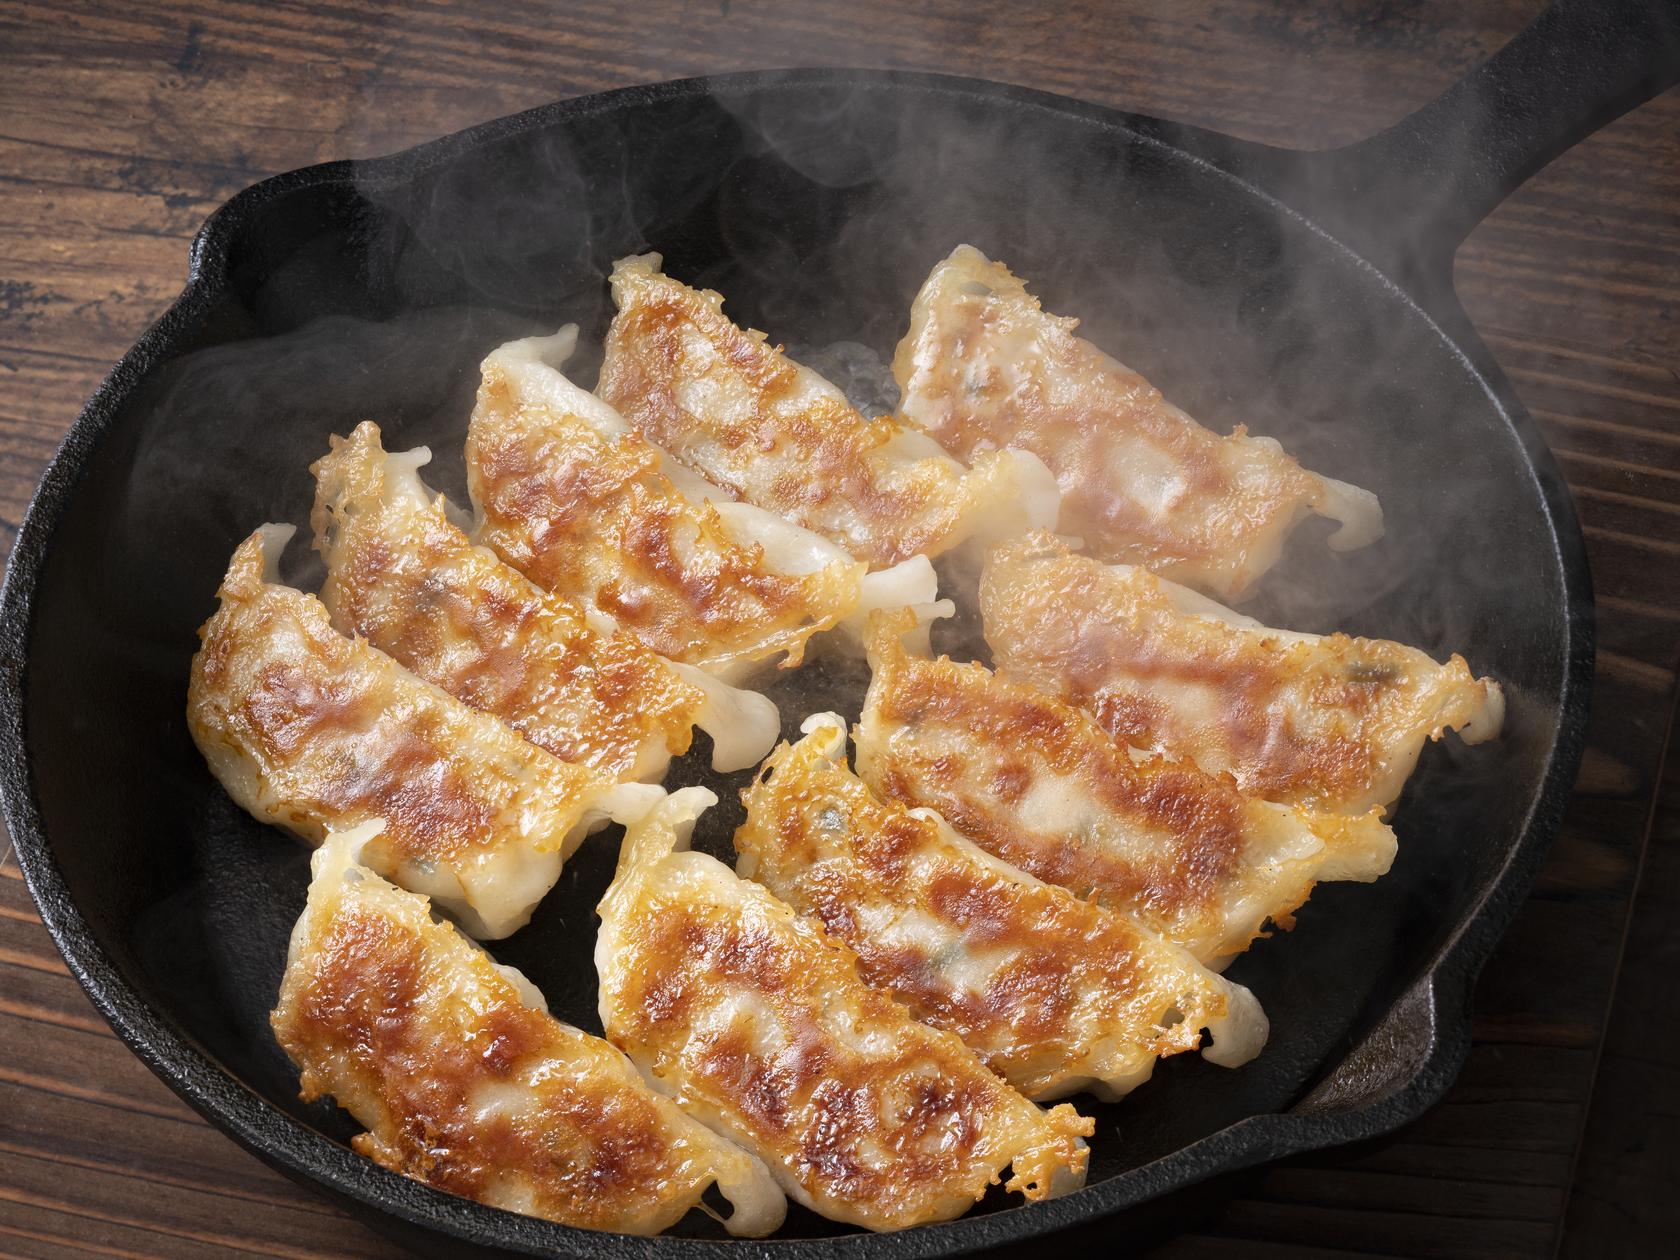 餃子のコツ|美味しく作るための簡単ポイント6つ!包み方&焼き方も